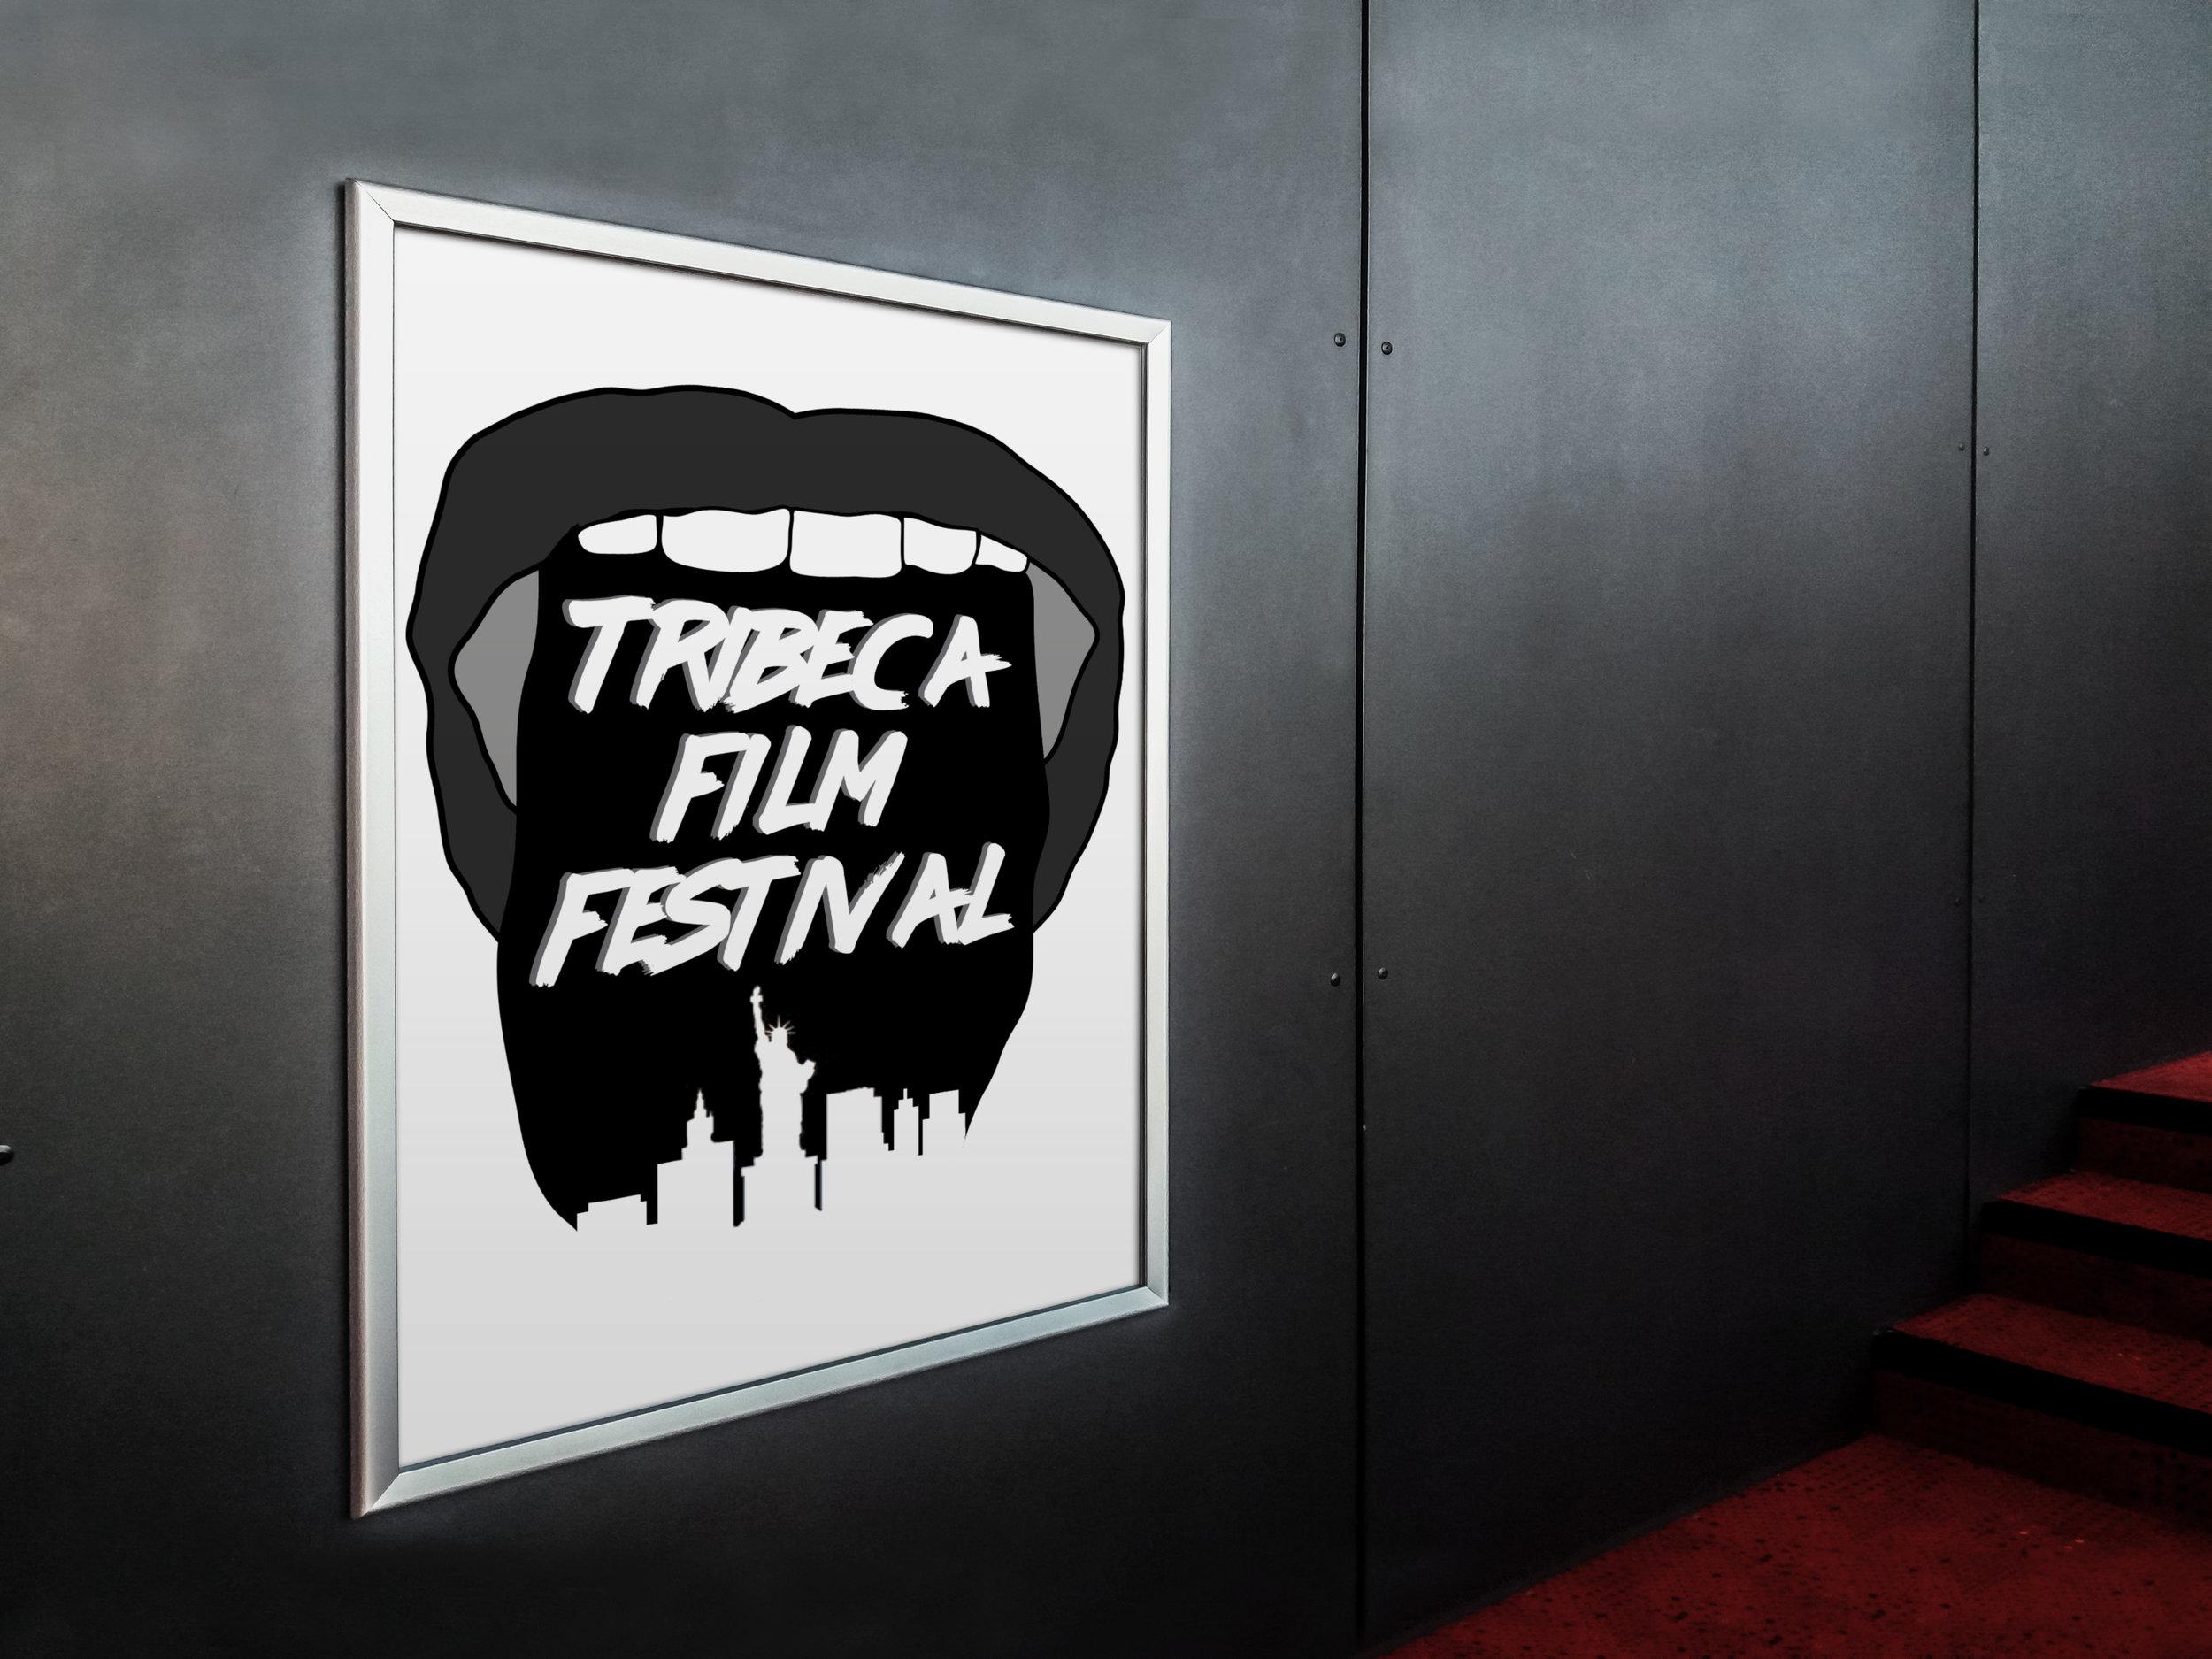 Tribeca Film Festival Poster.jpg